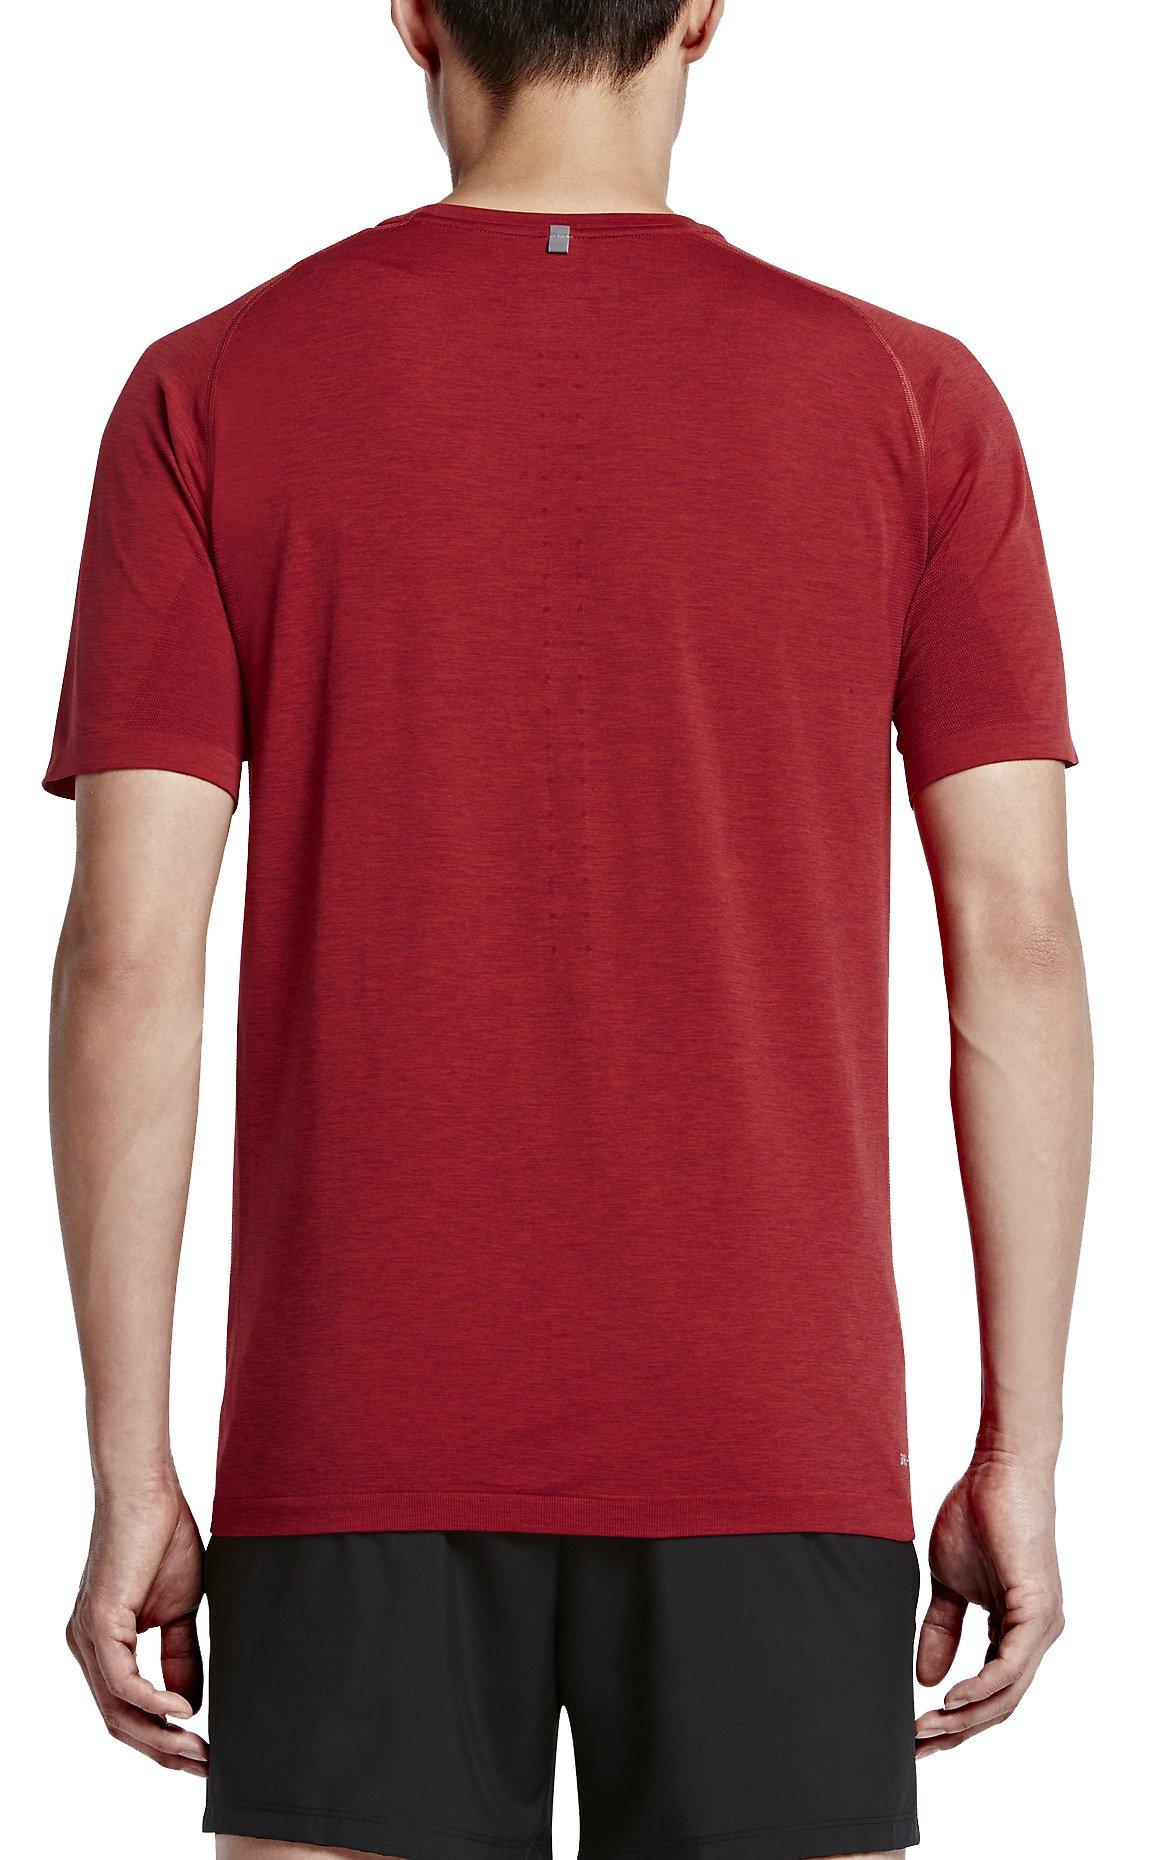 T Shirt Nike Dri Fit Knit Ss